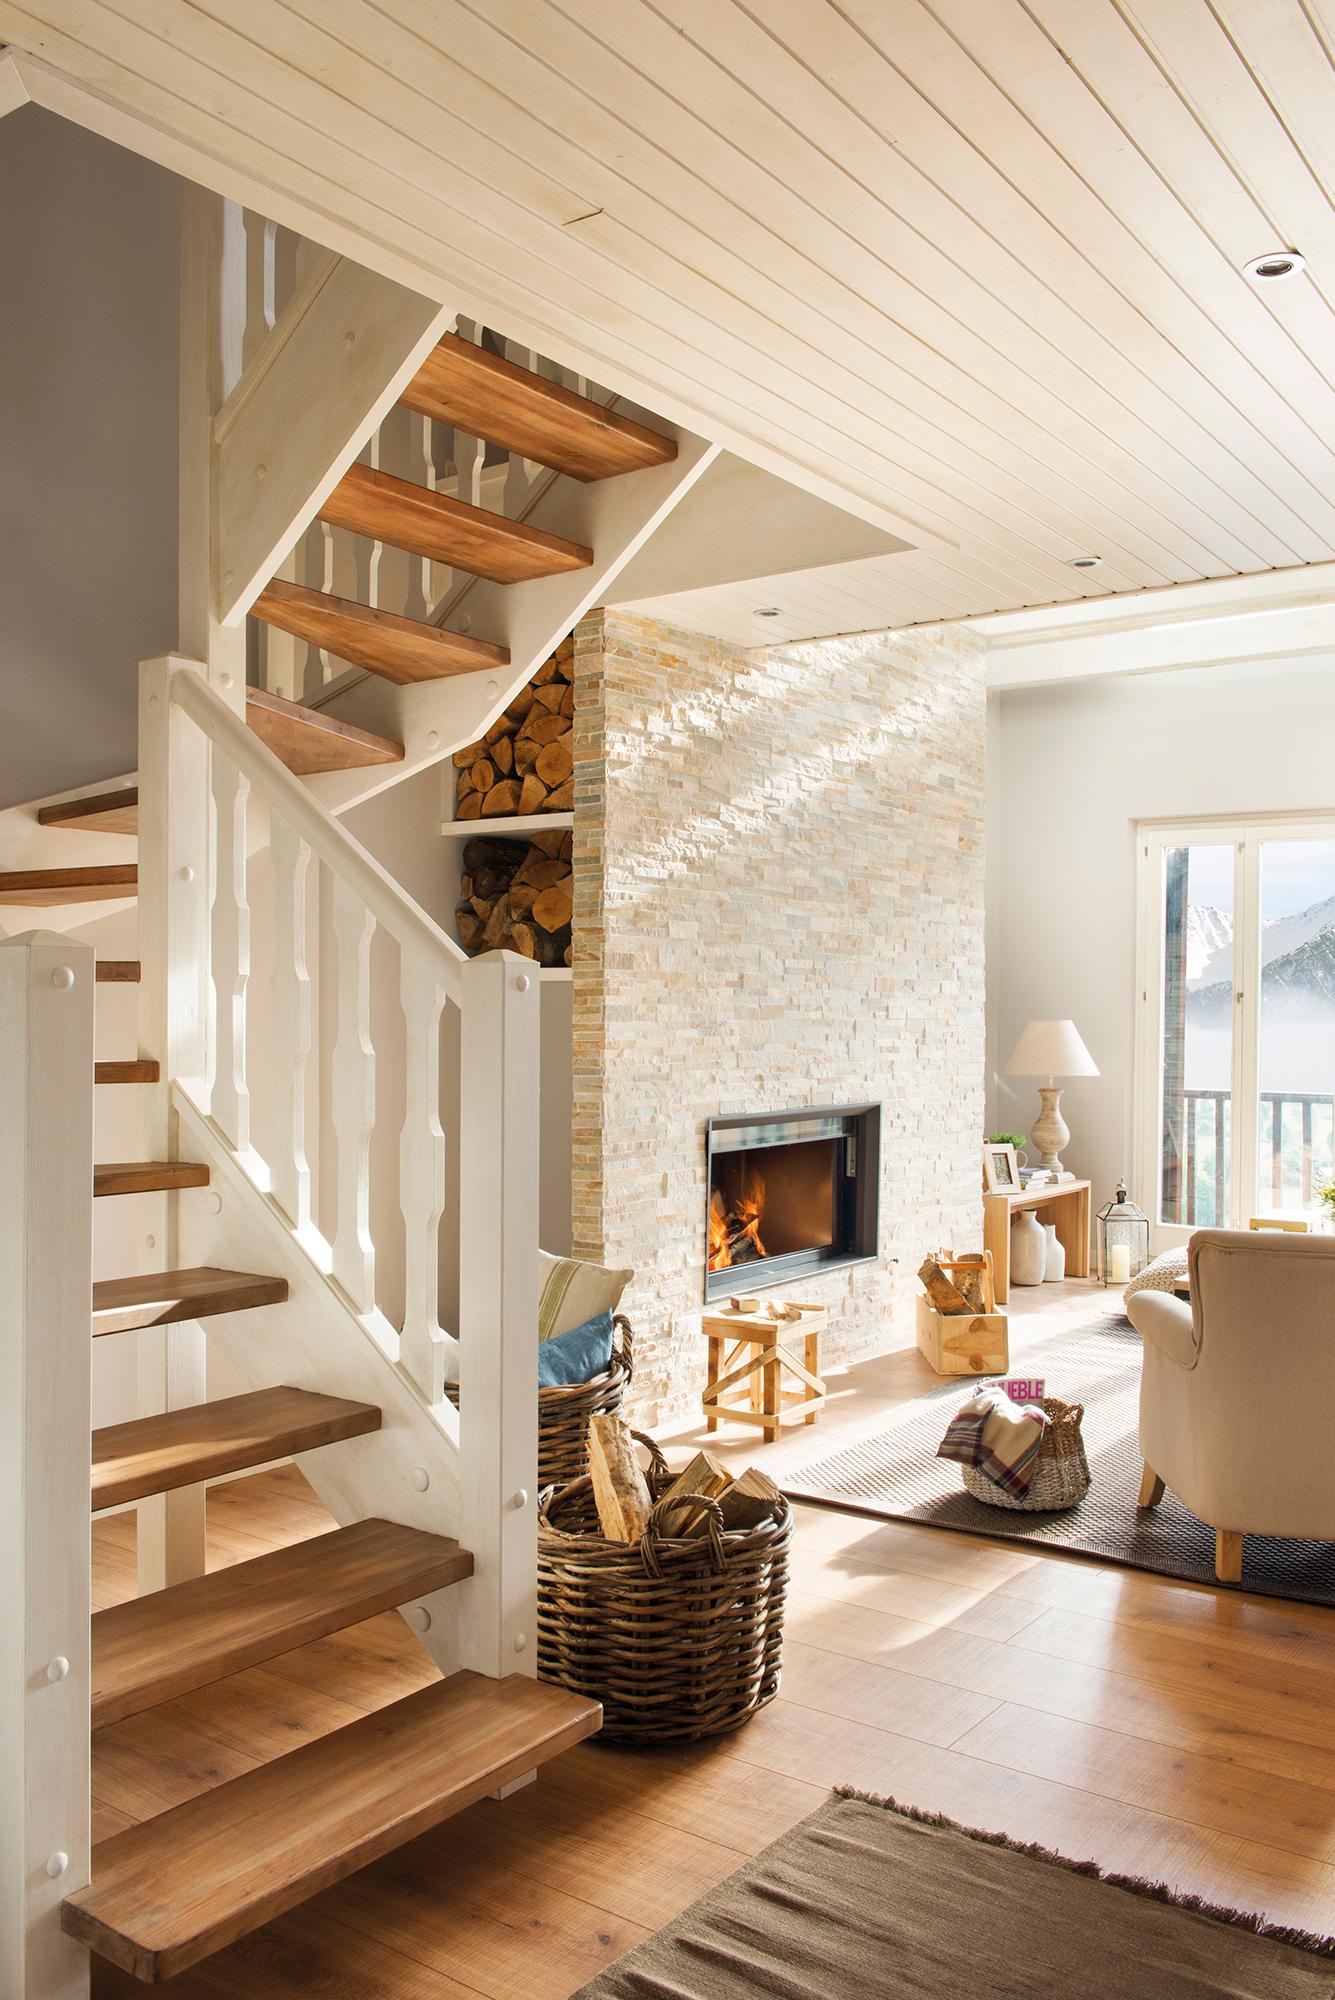 Escaleras c mo planificarlas con acierto for Chimenea bajo escalera